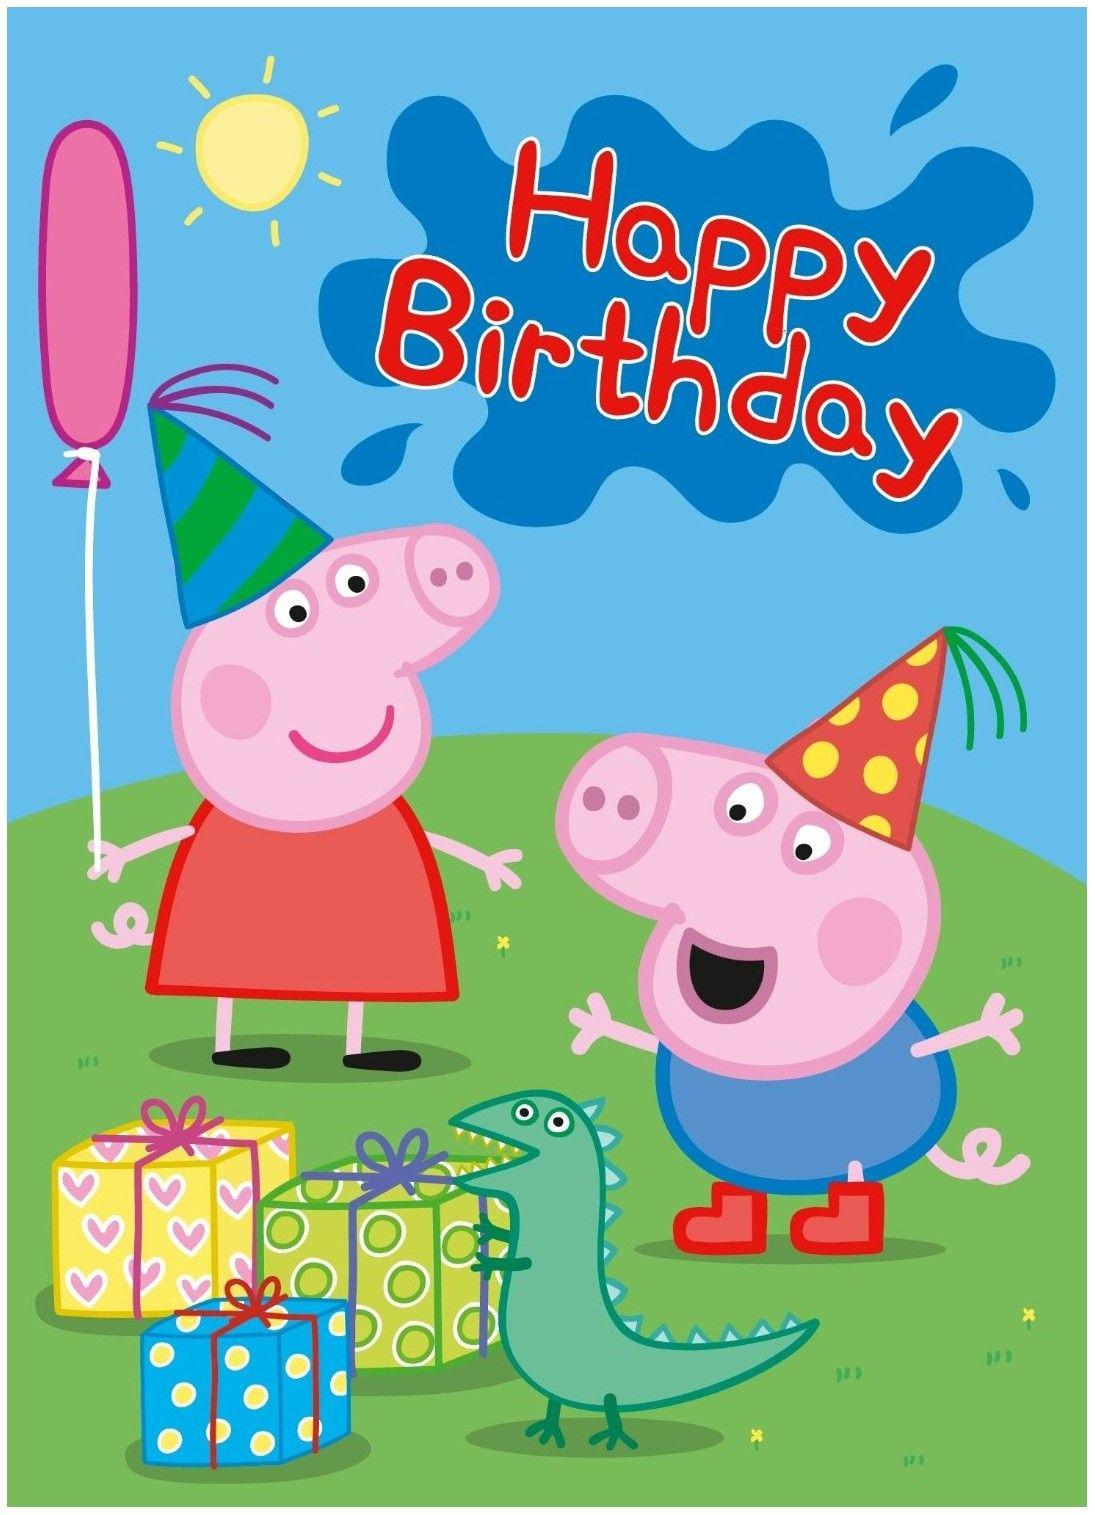 Картинки с днем рождения свинка пеппа, голосовые